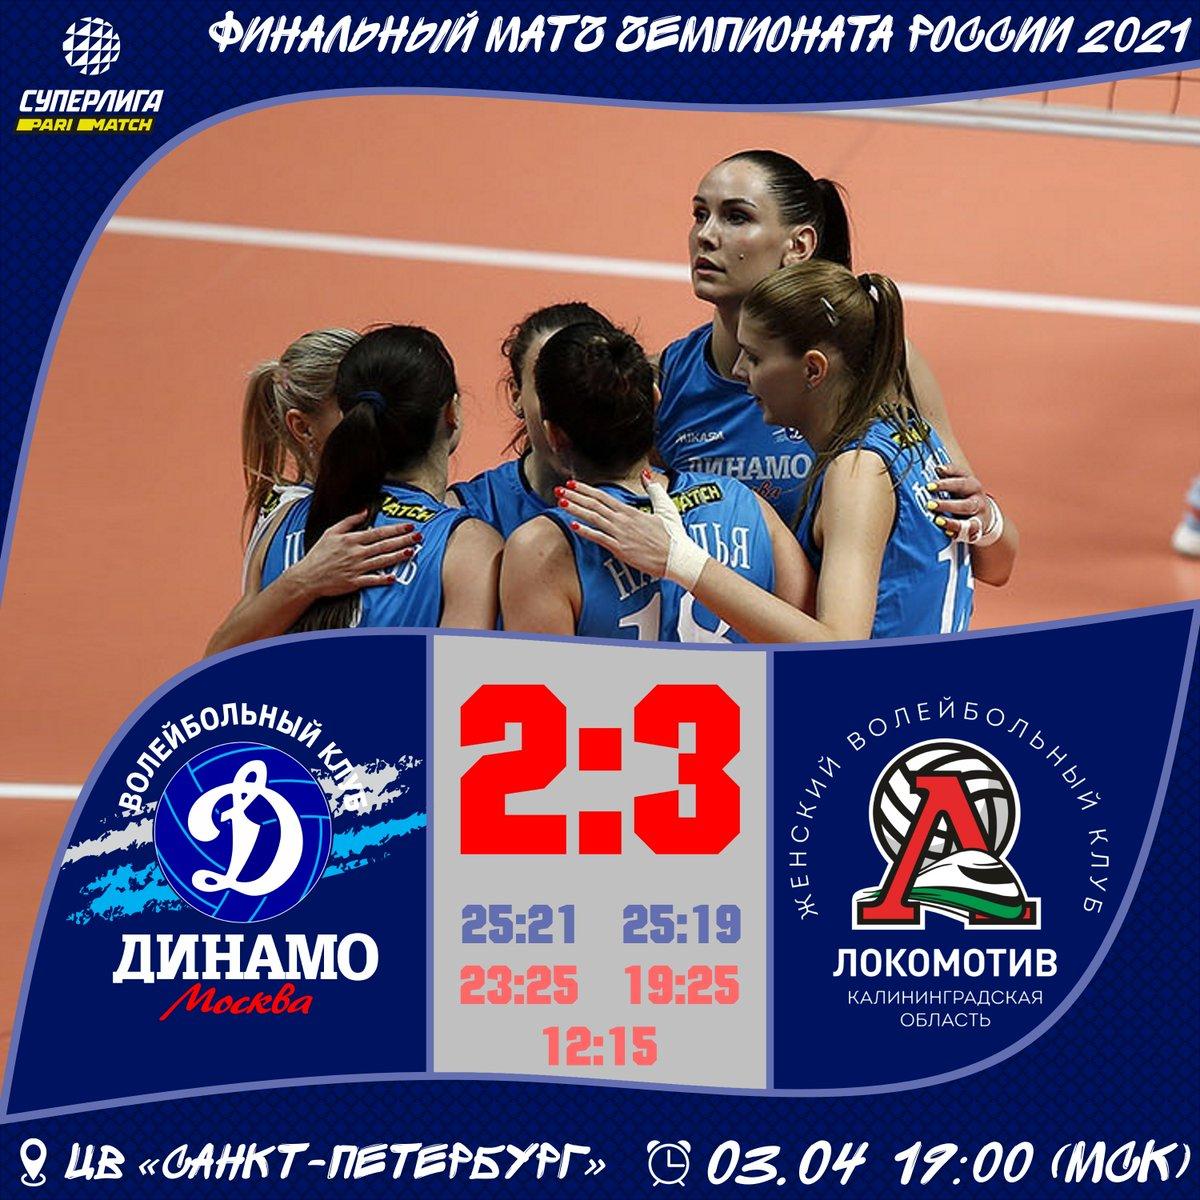 Новости волейбольного клуба динамо москва клубы москвы открыты ли